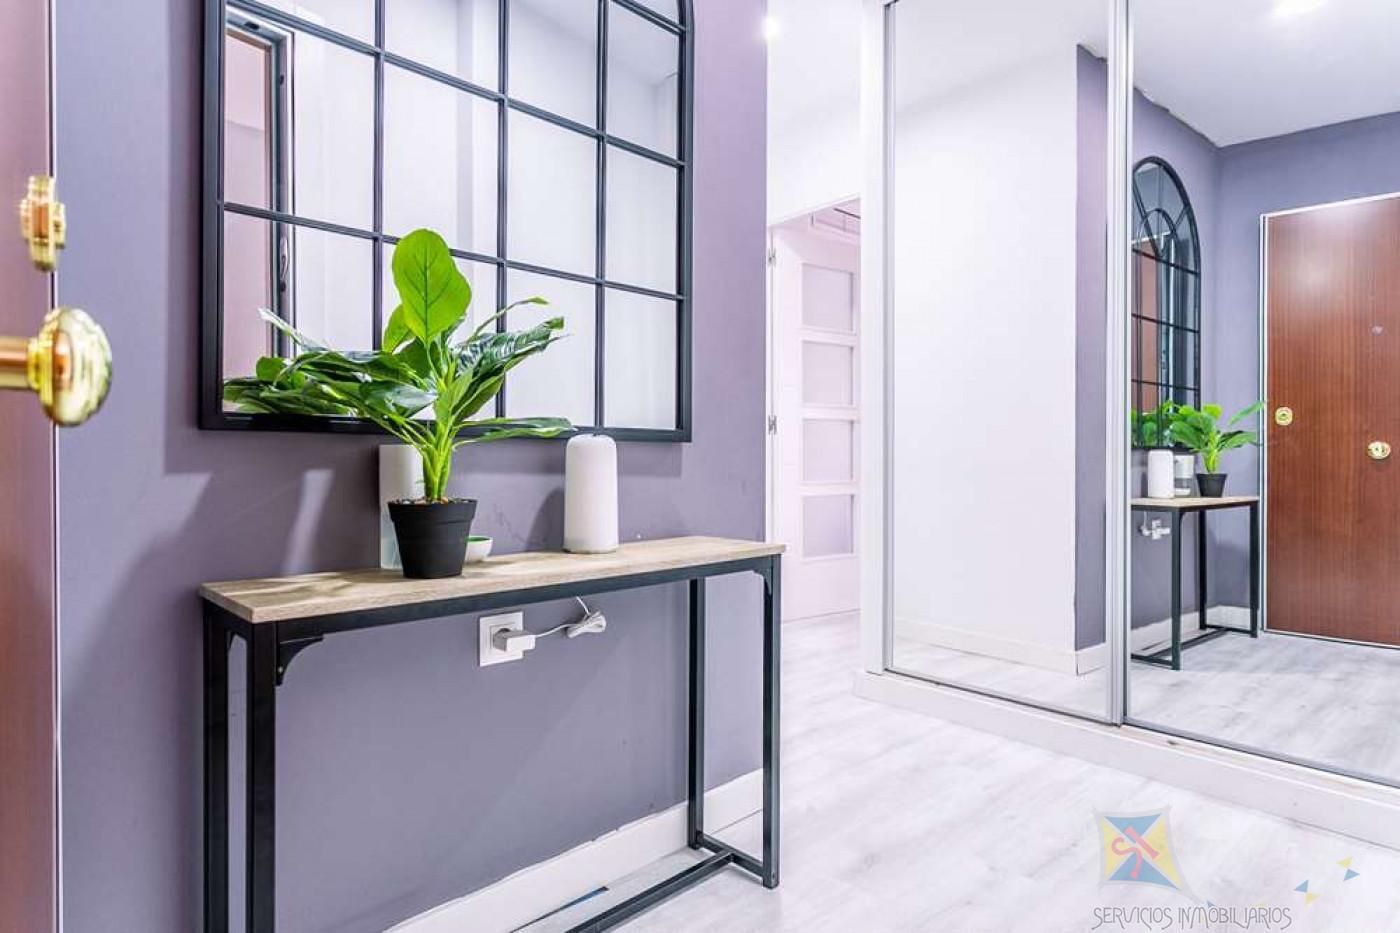 Venta de apartamento en Sevilla